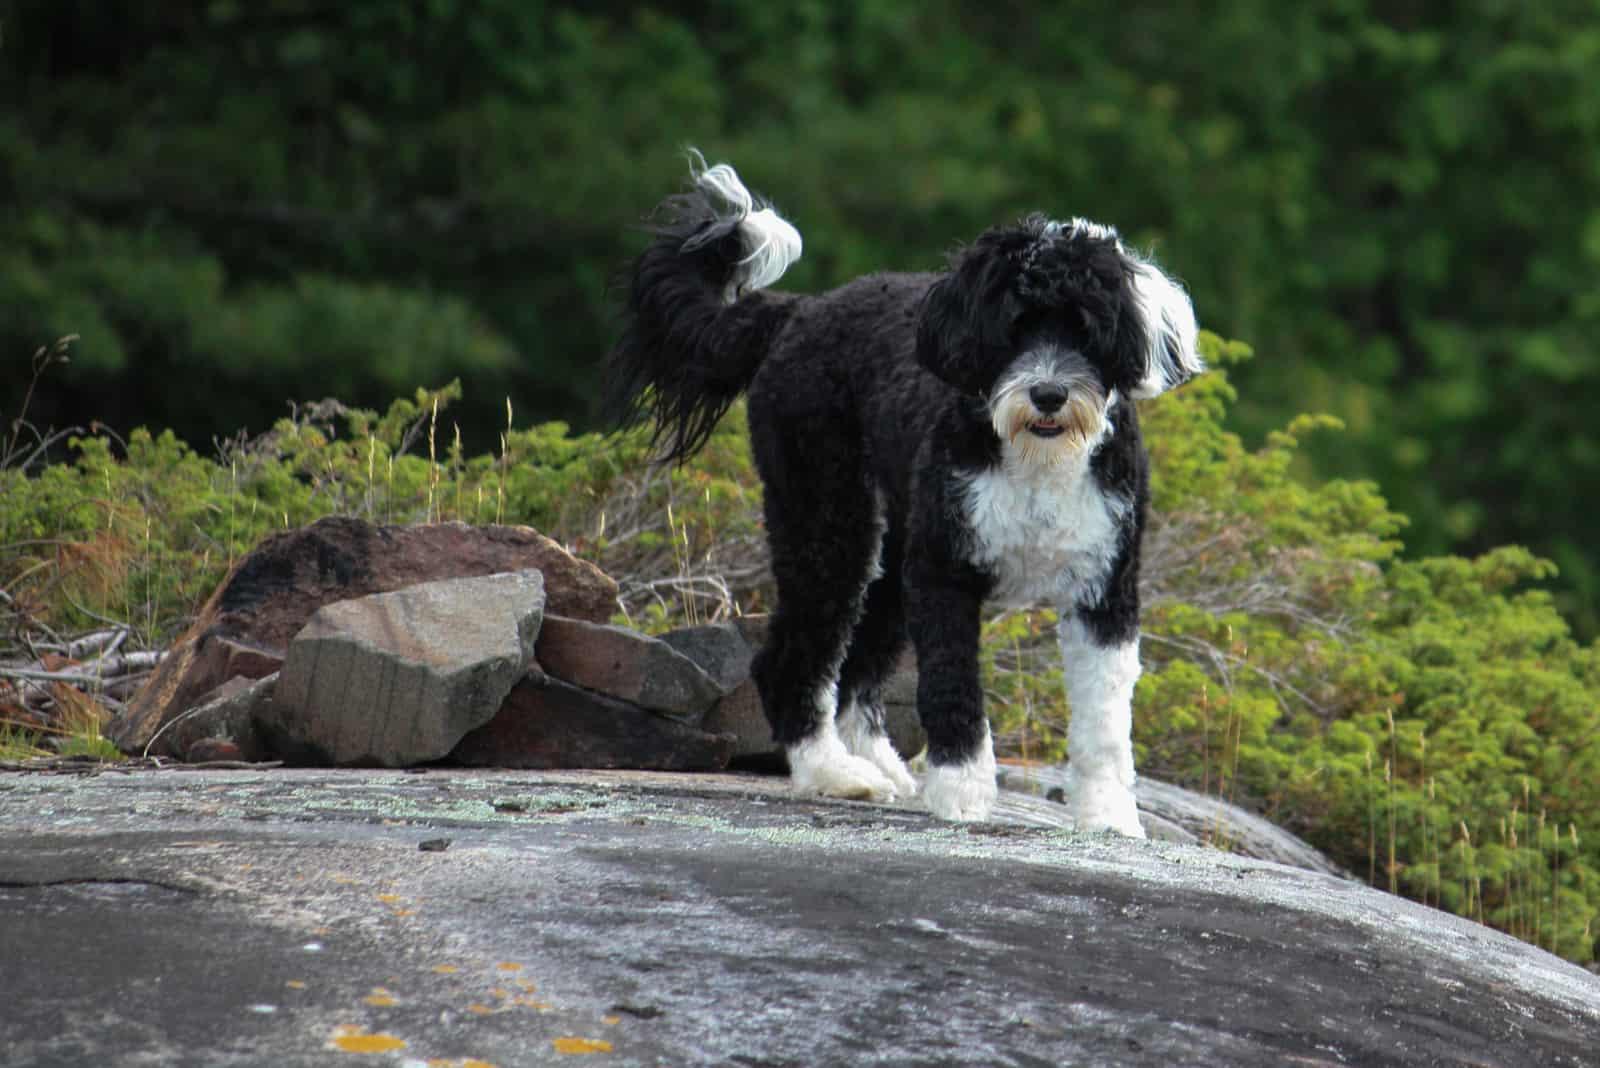 Schwarz-weißer portugiesischer Wasserhund, der auf einem Felsen im Wald steht